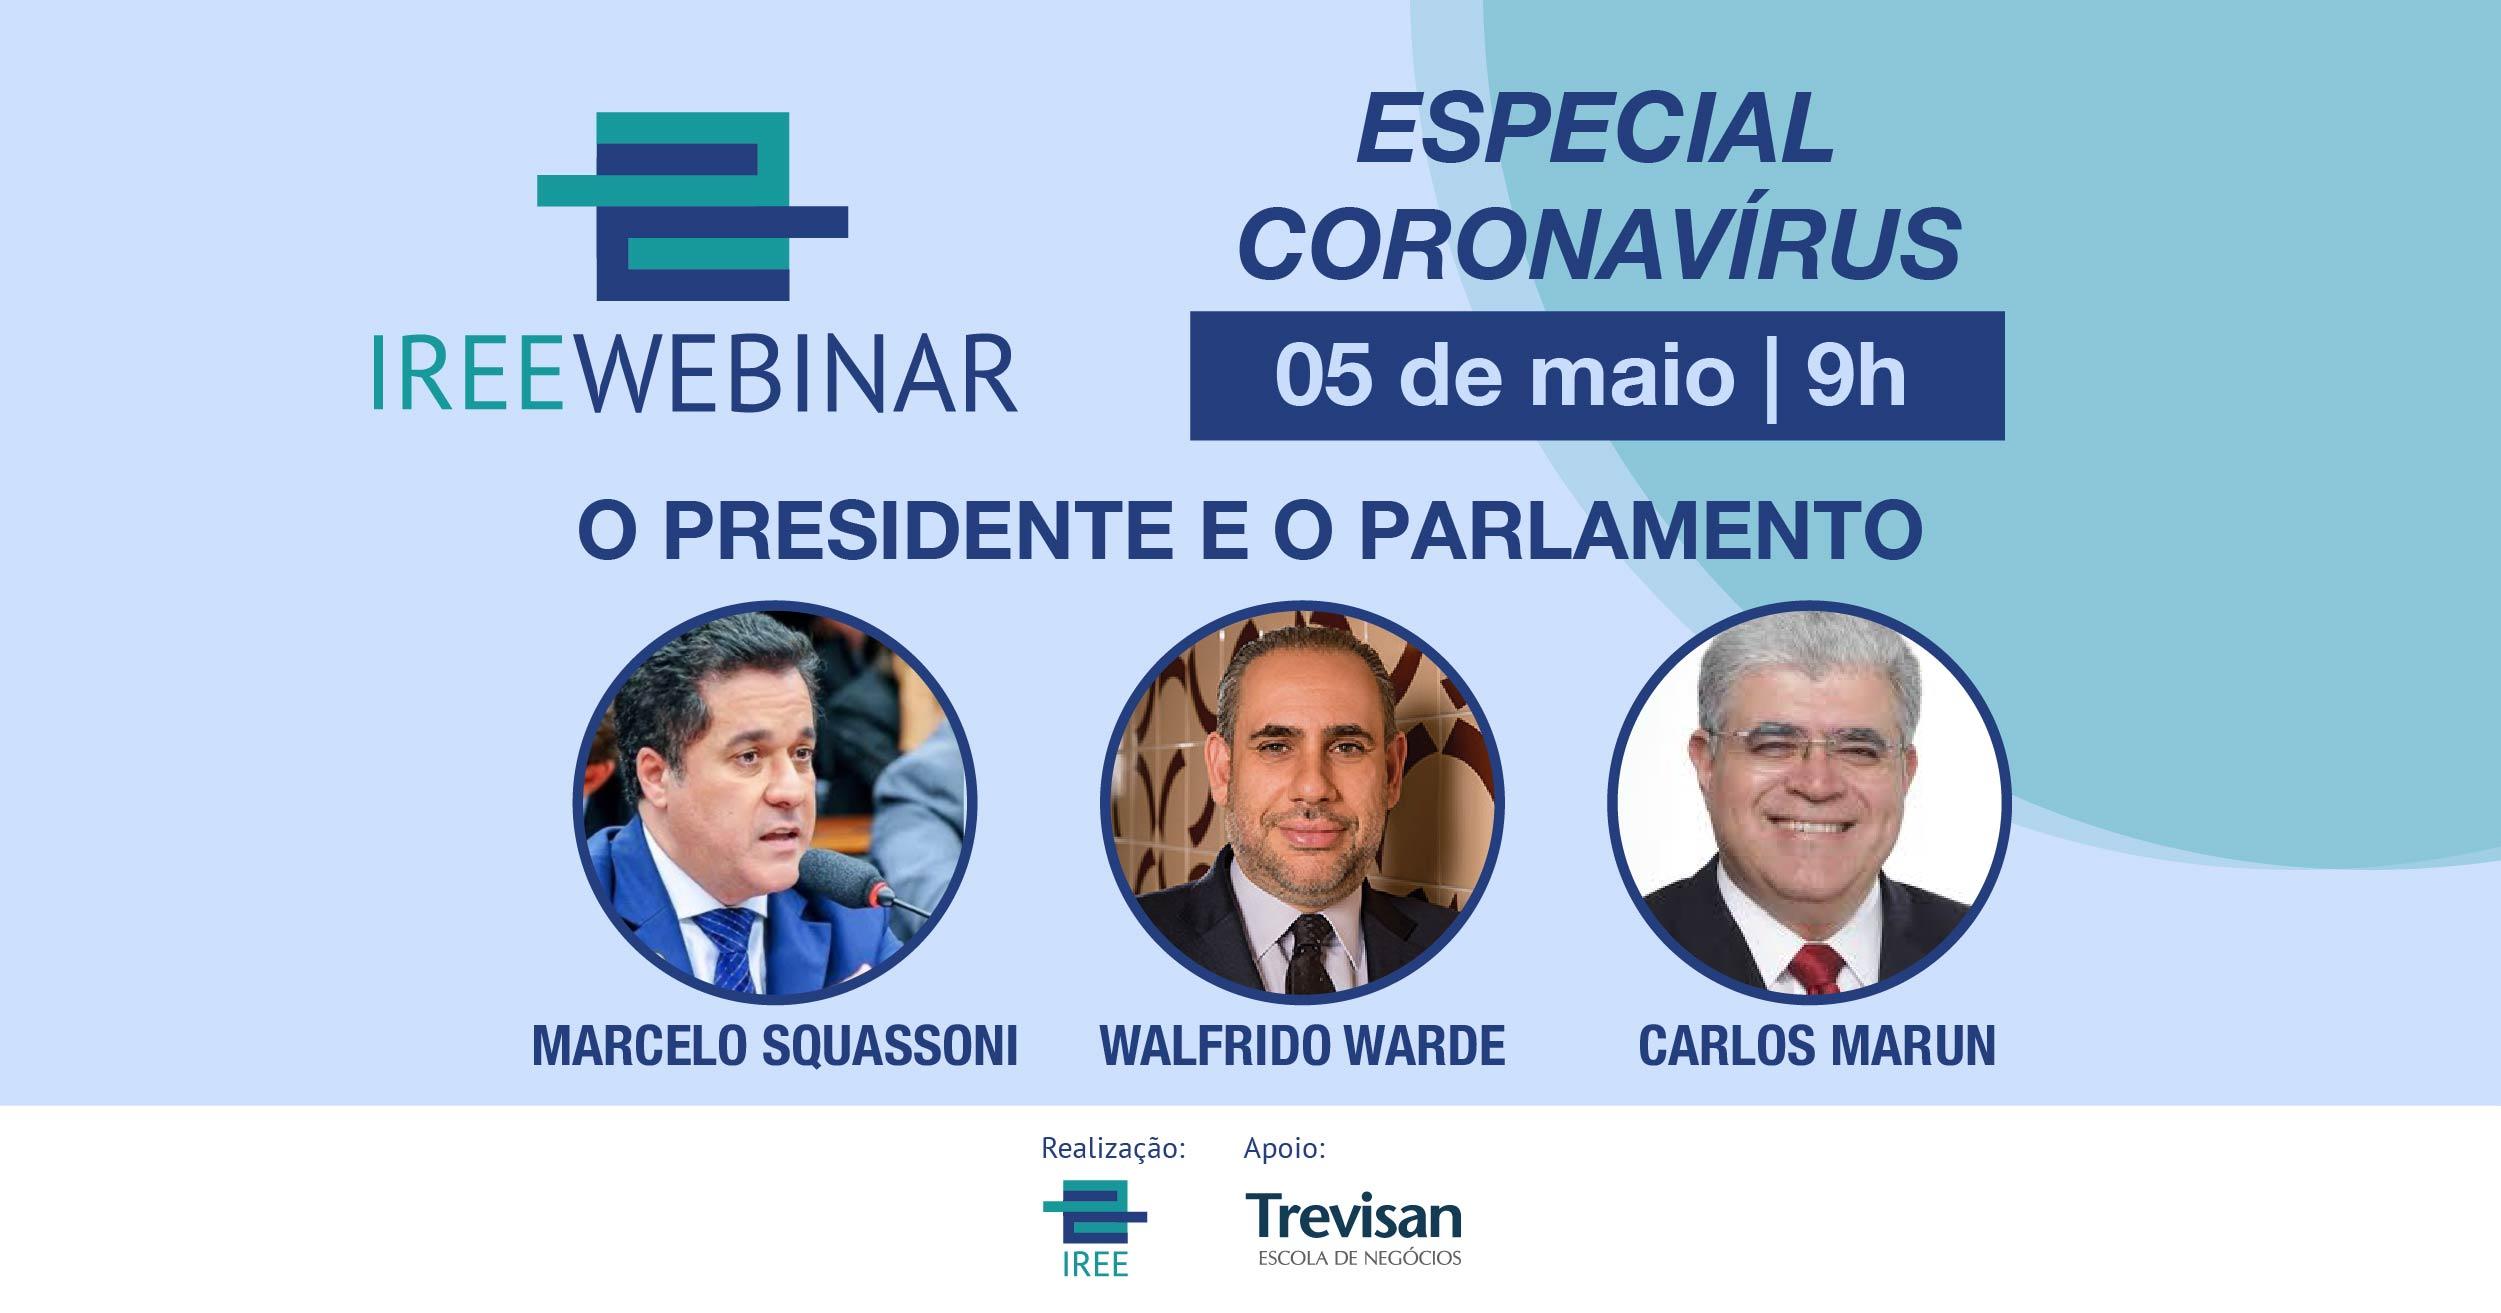 IREE Webinar – O Presidente e o Parlamento